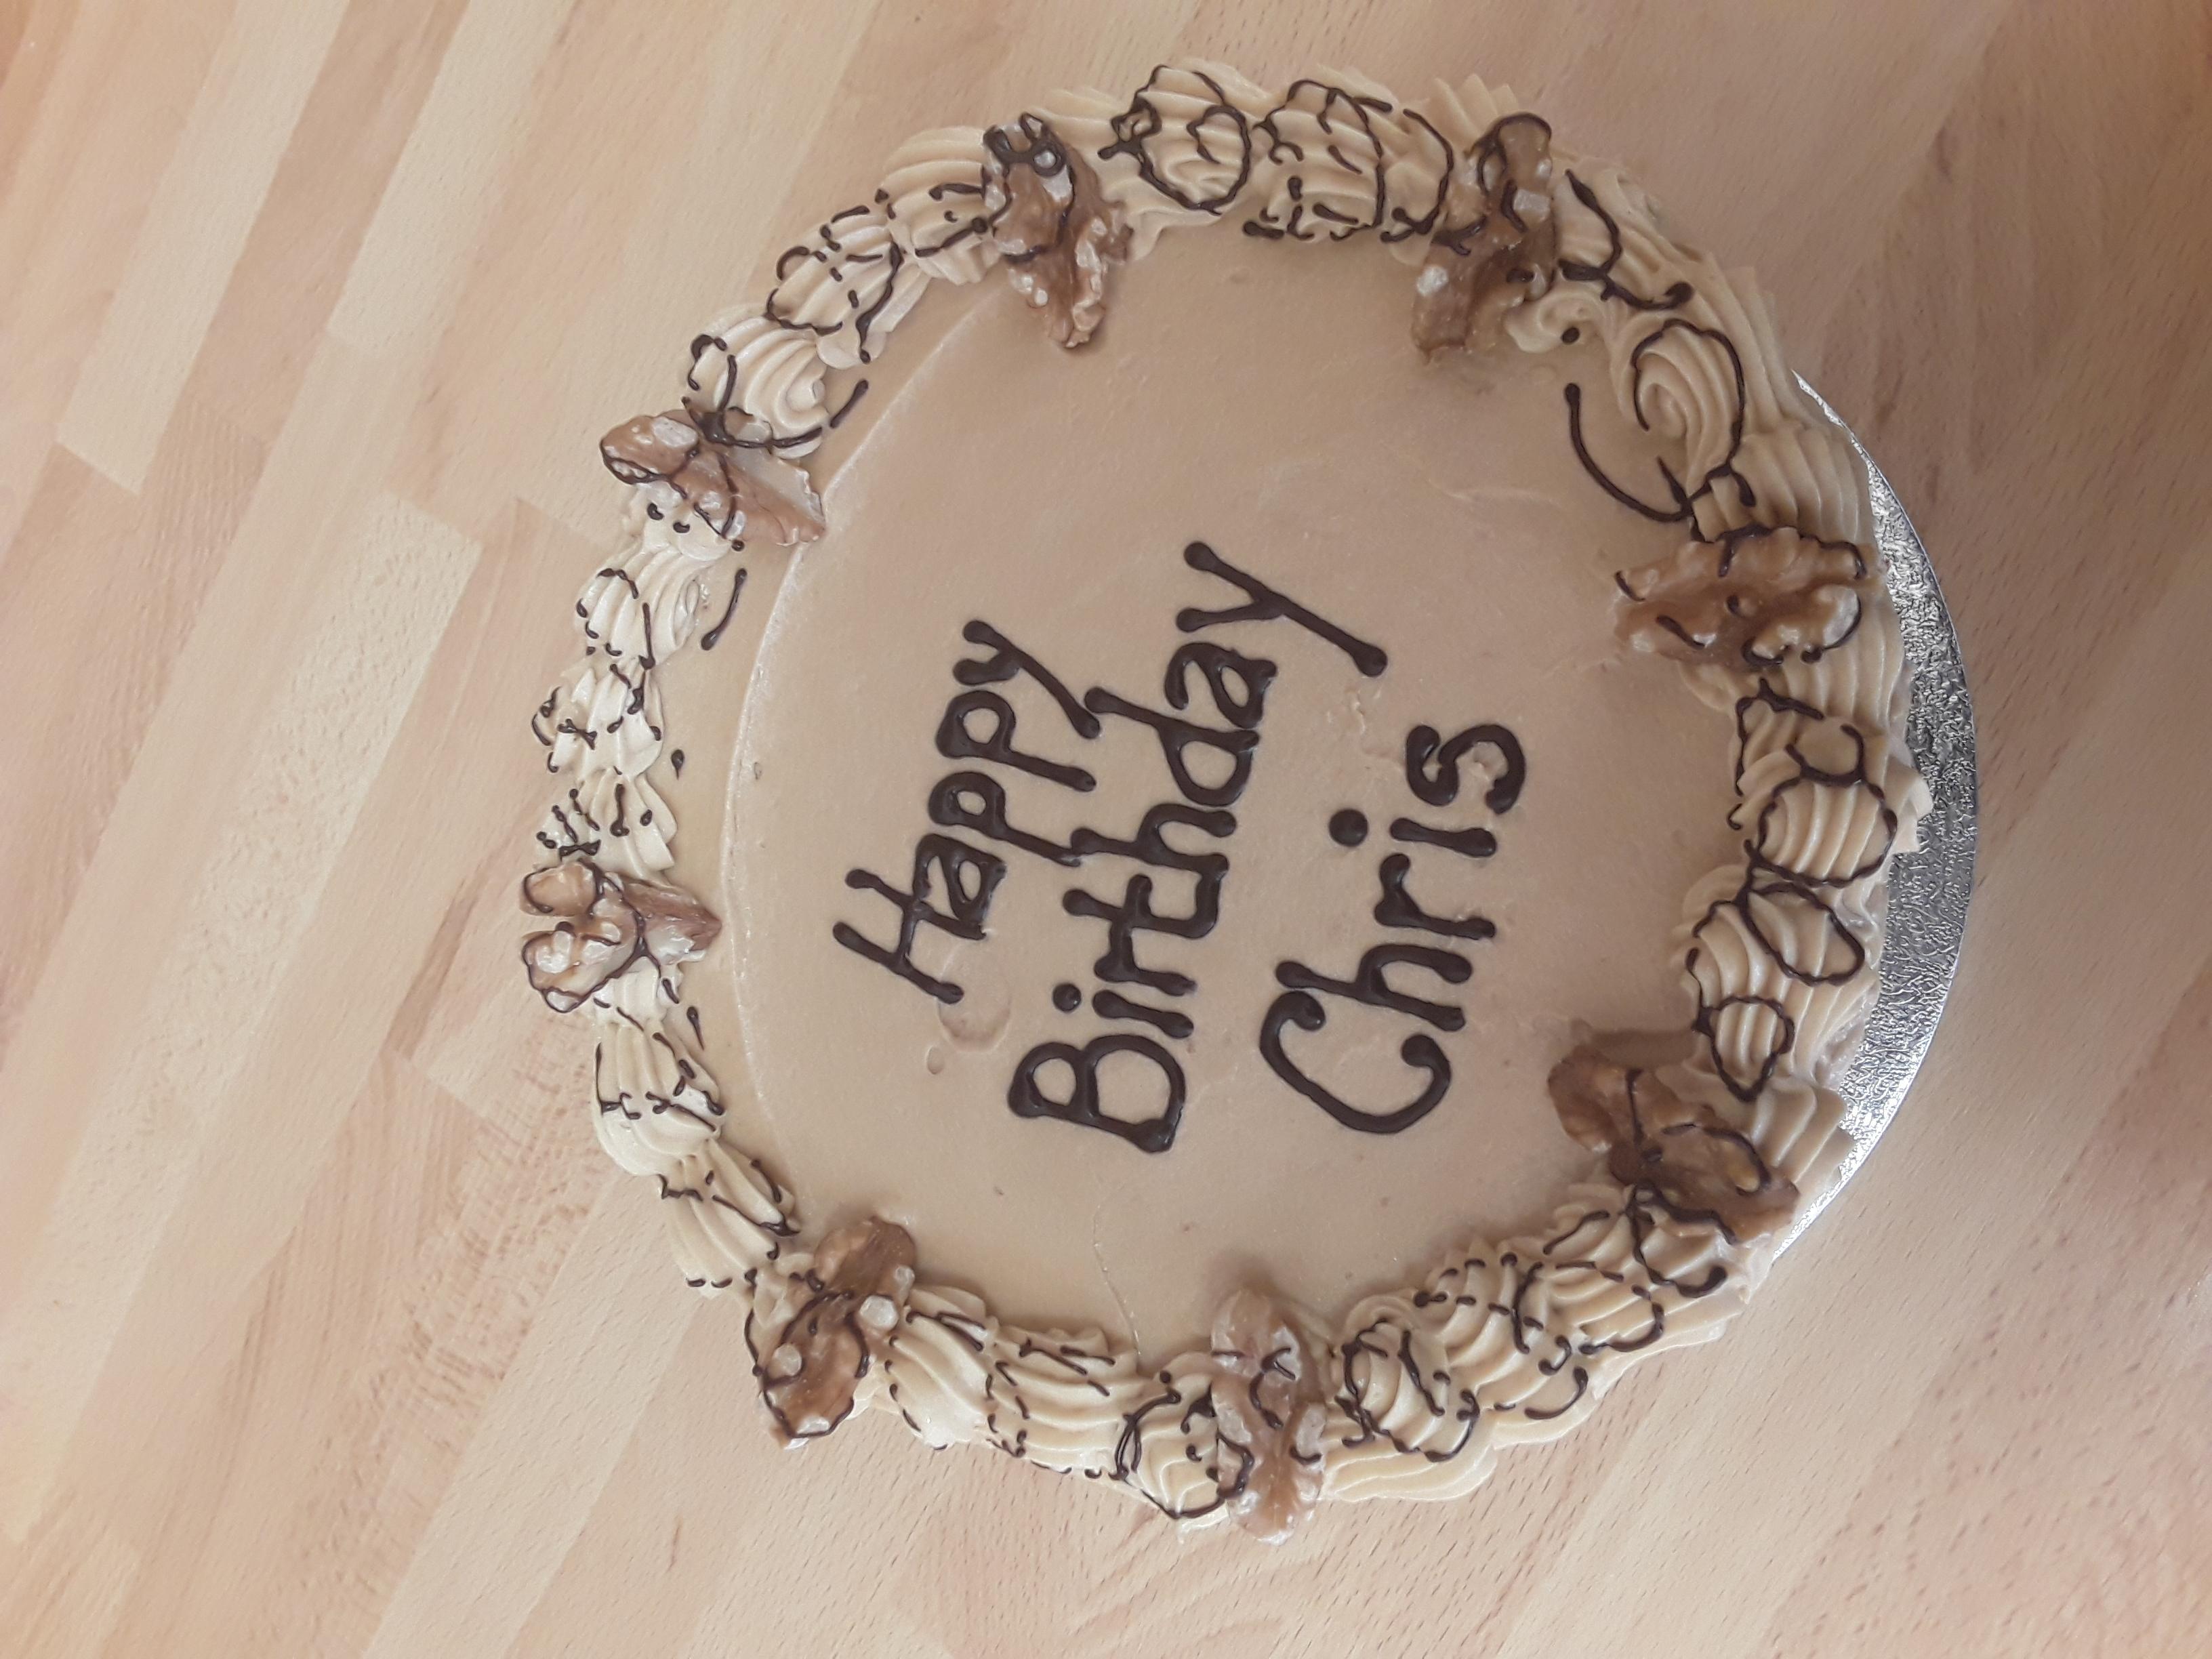 Coffee Walnut Celebration Cake